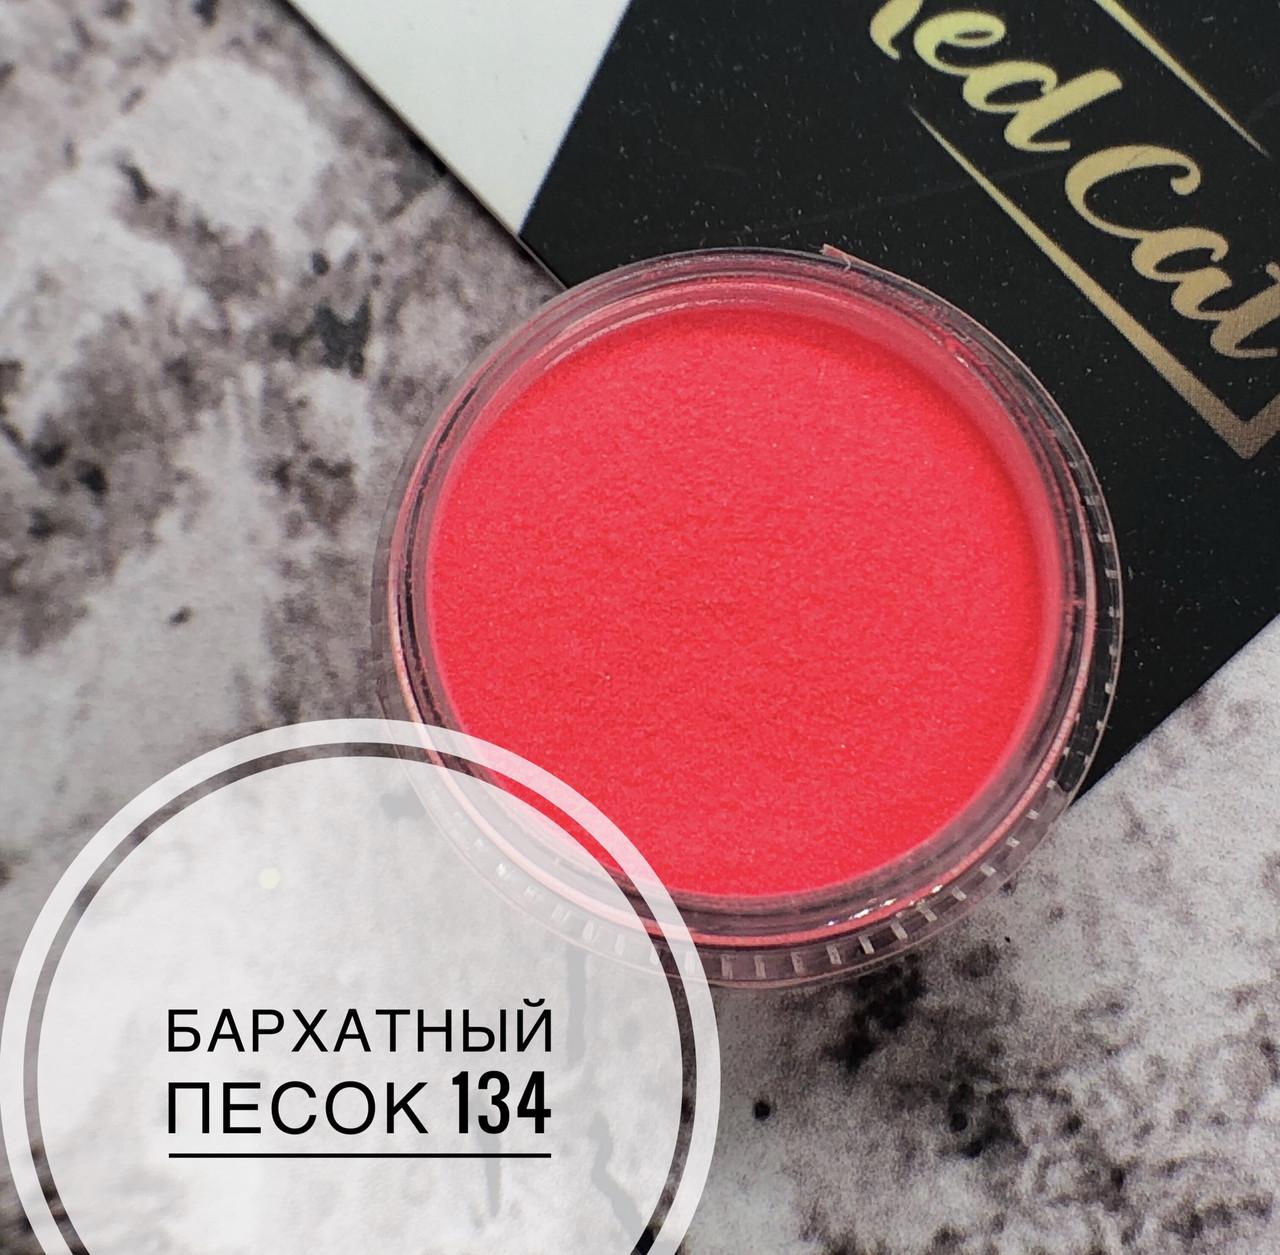 Оксамитовий пісок для дизайну № 134